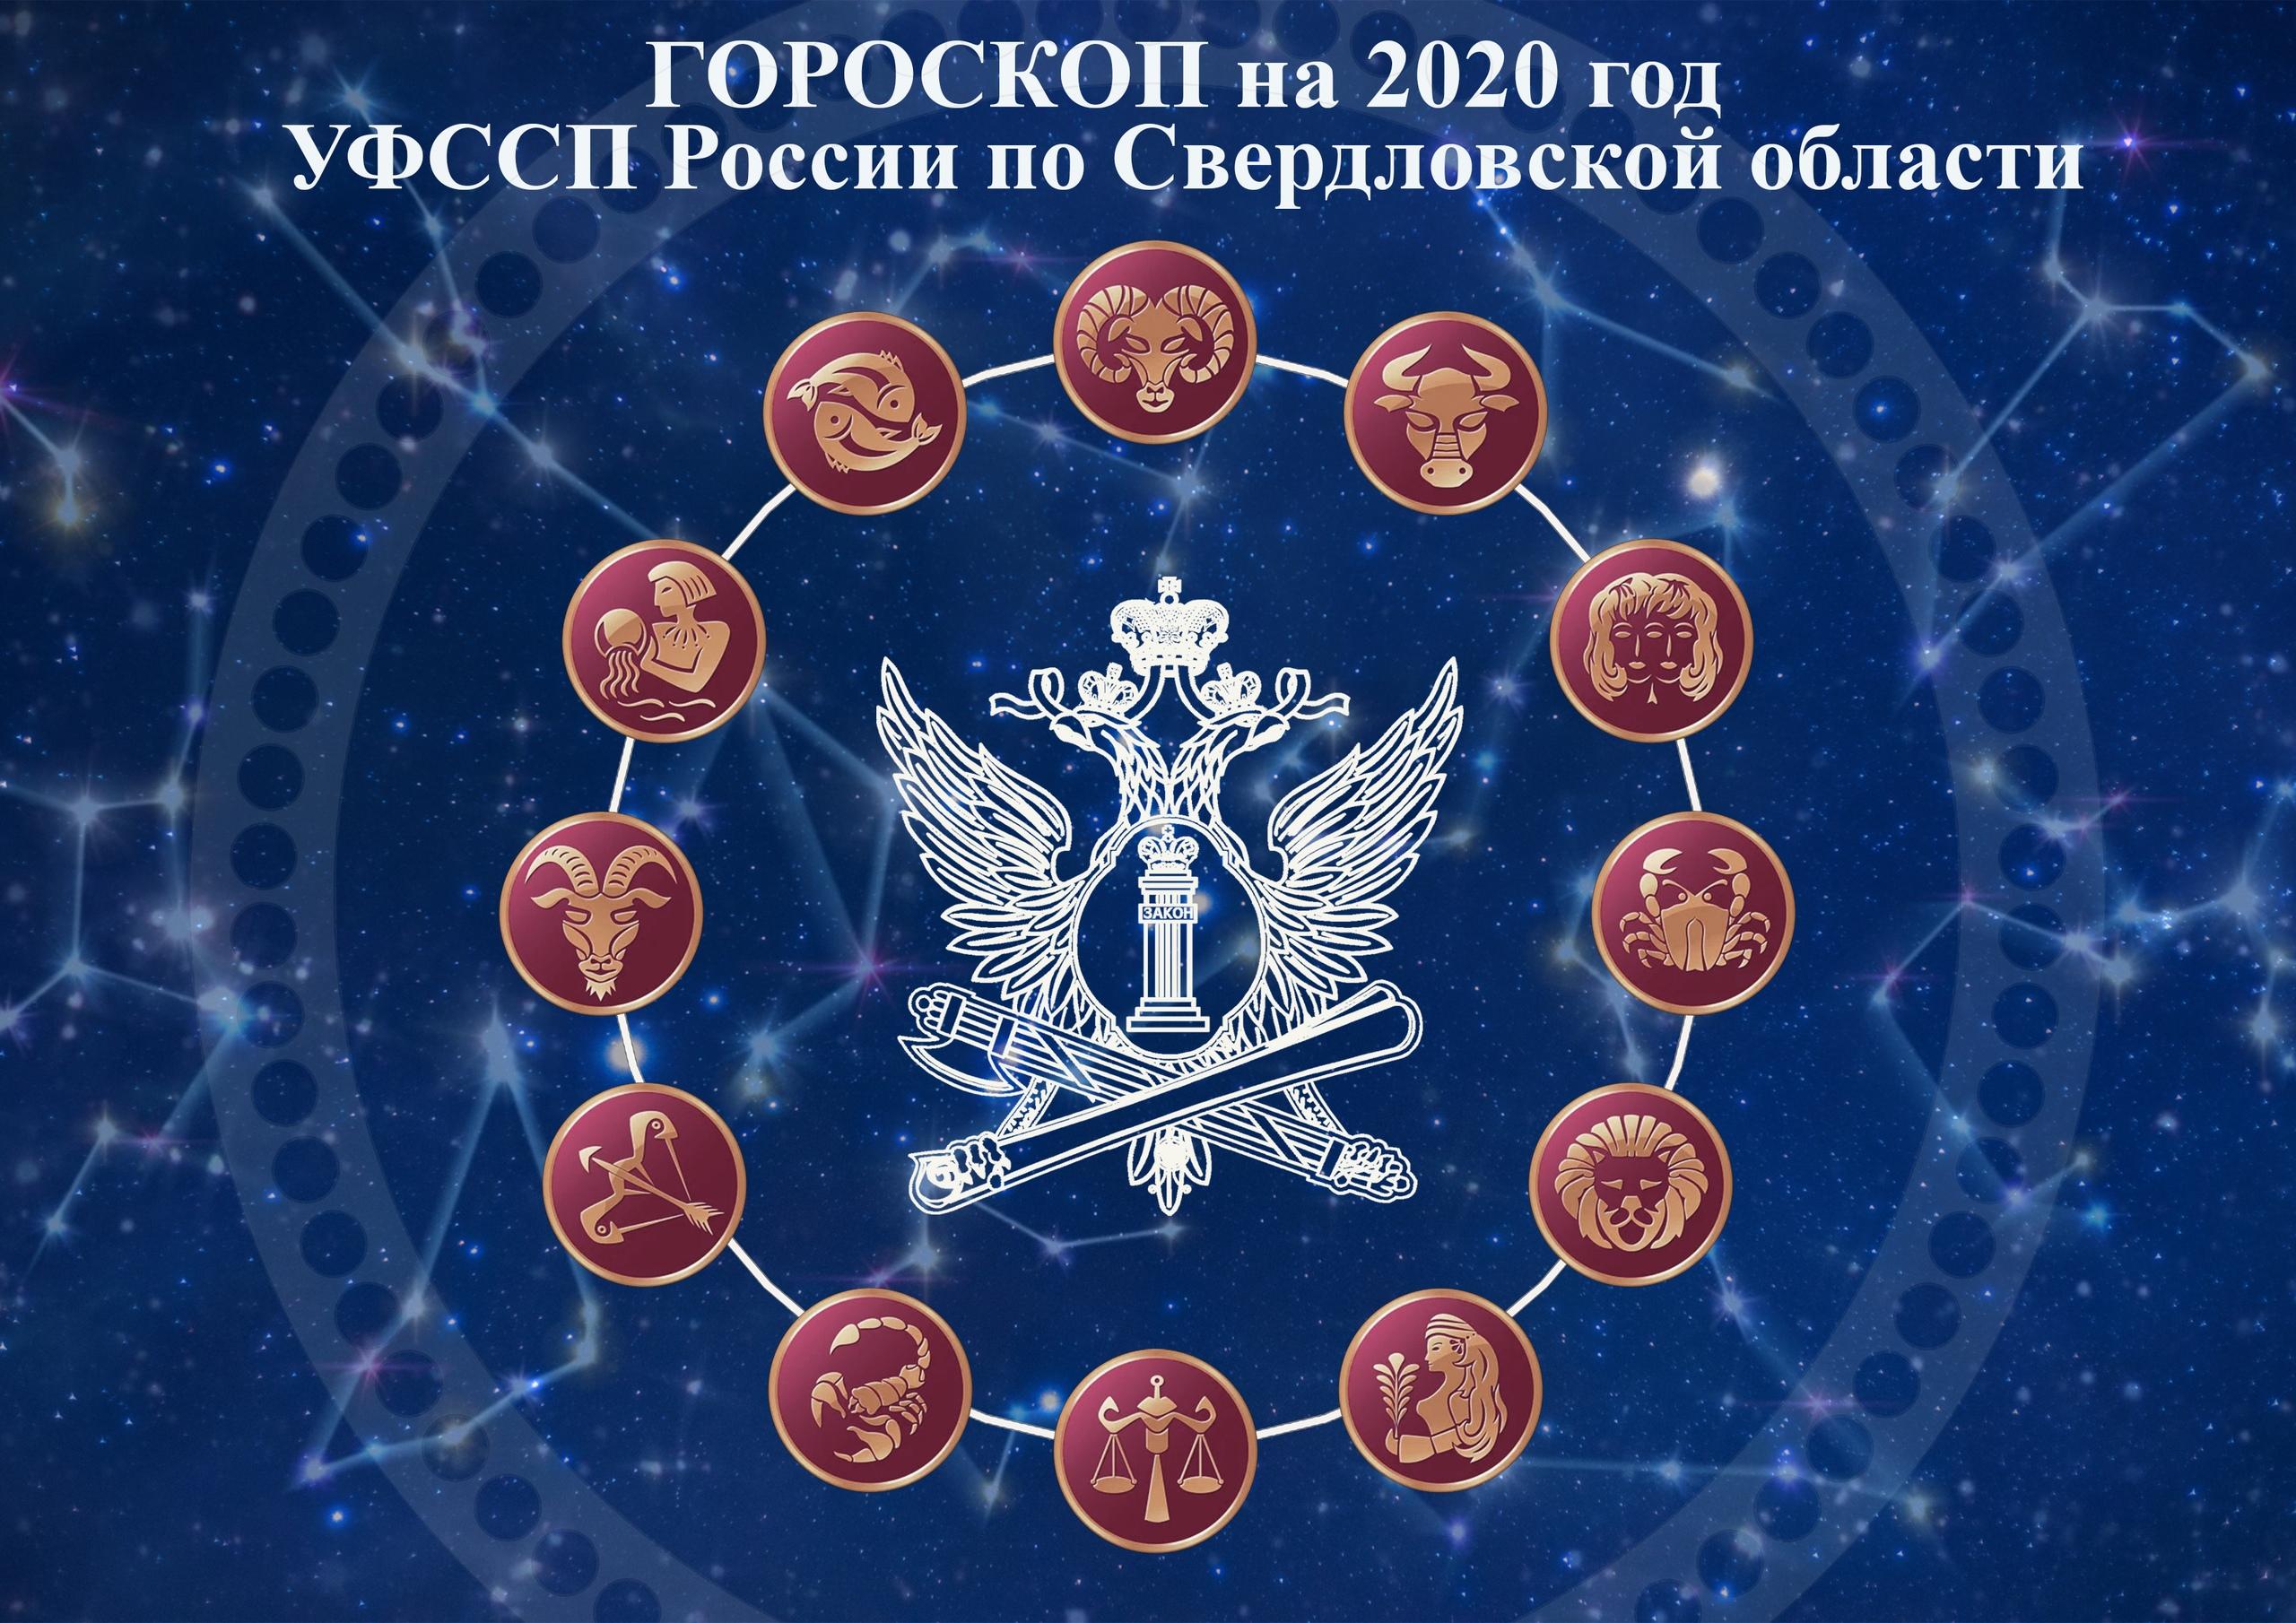 Новогодний гороскоп от судебных приставов